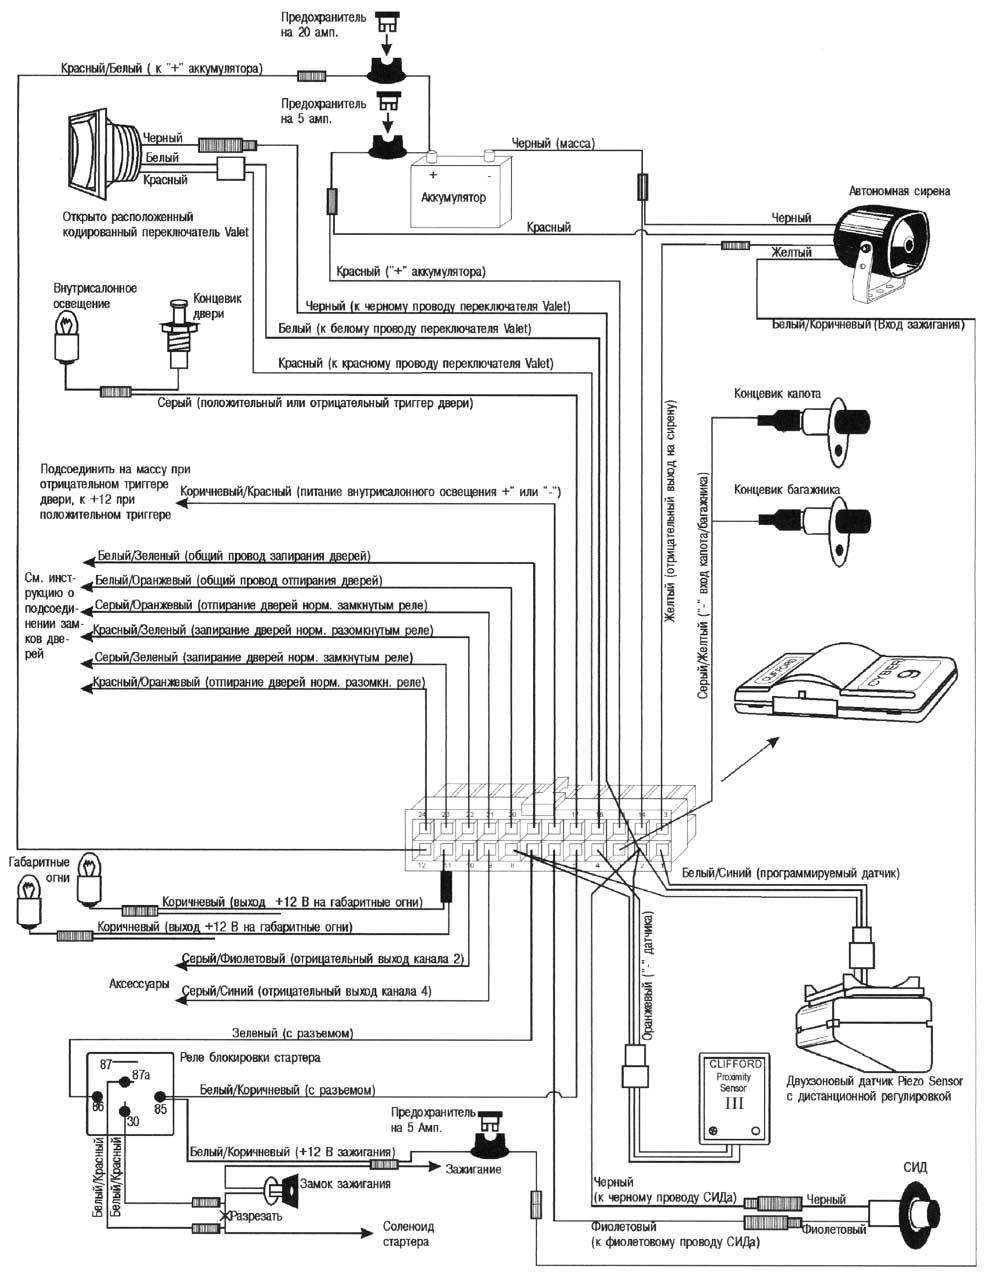 Инструкция На Сигнализацию Clifford Cyber 9